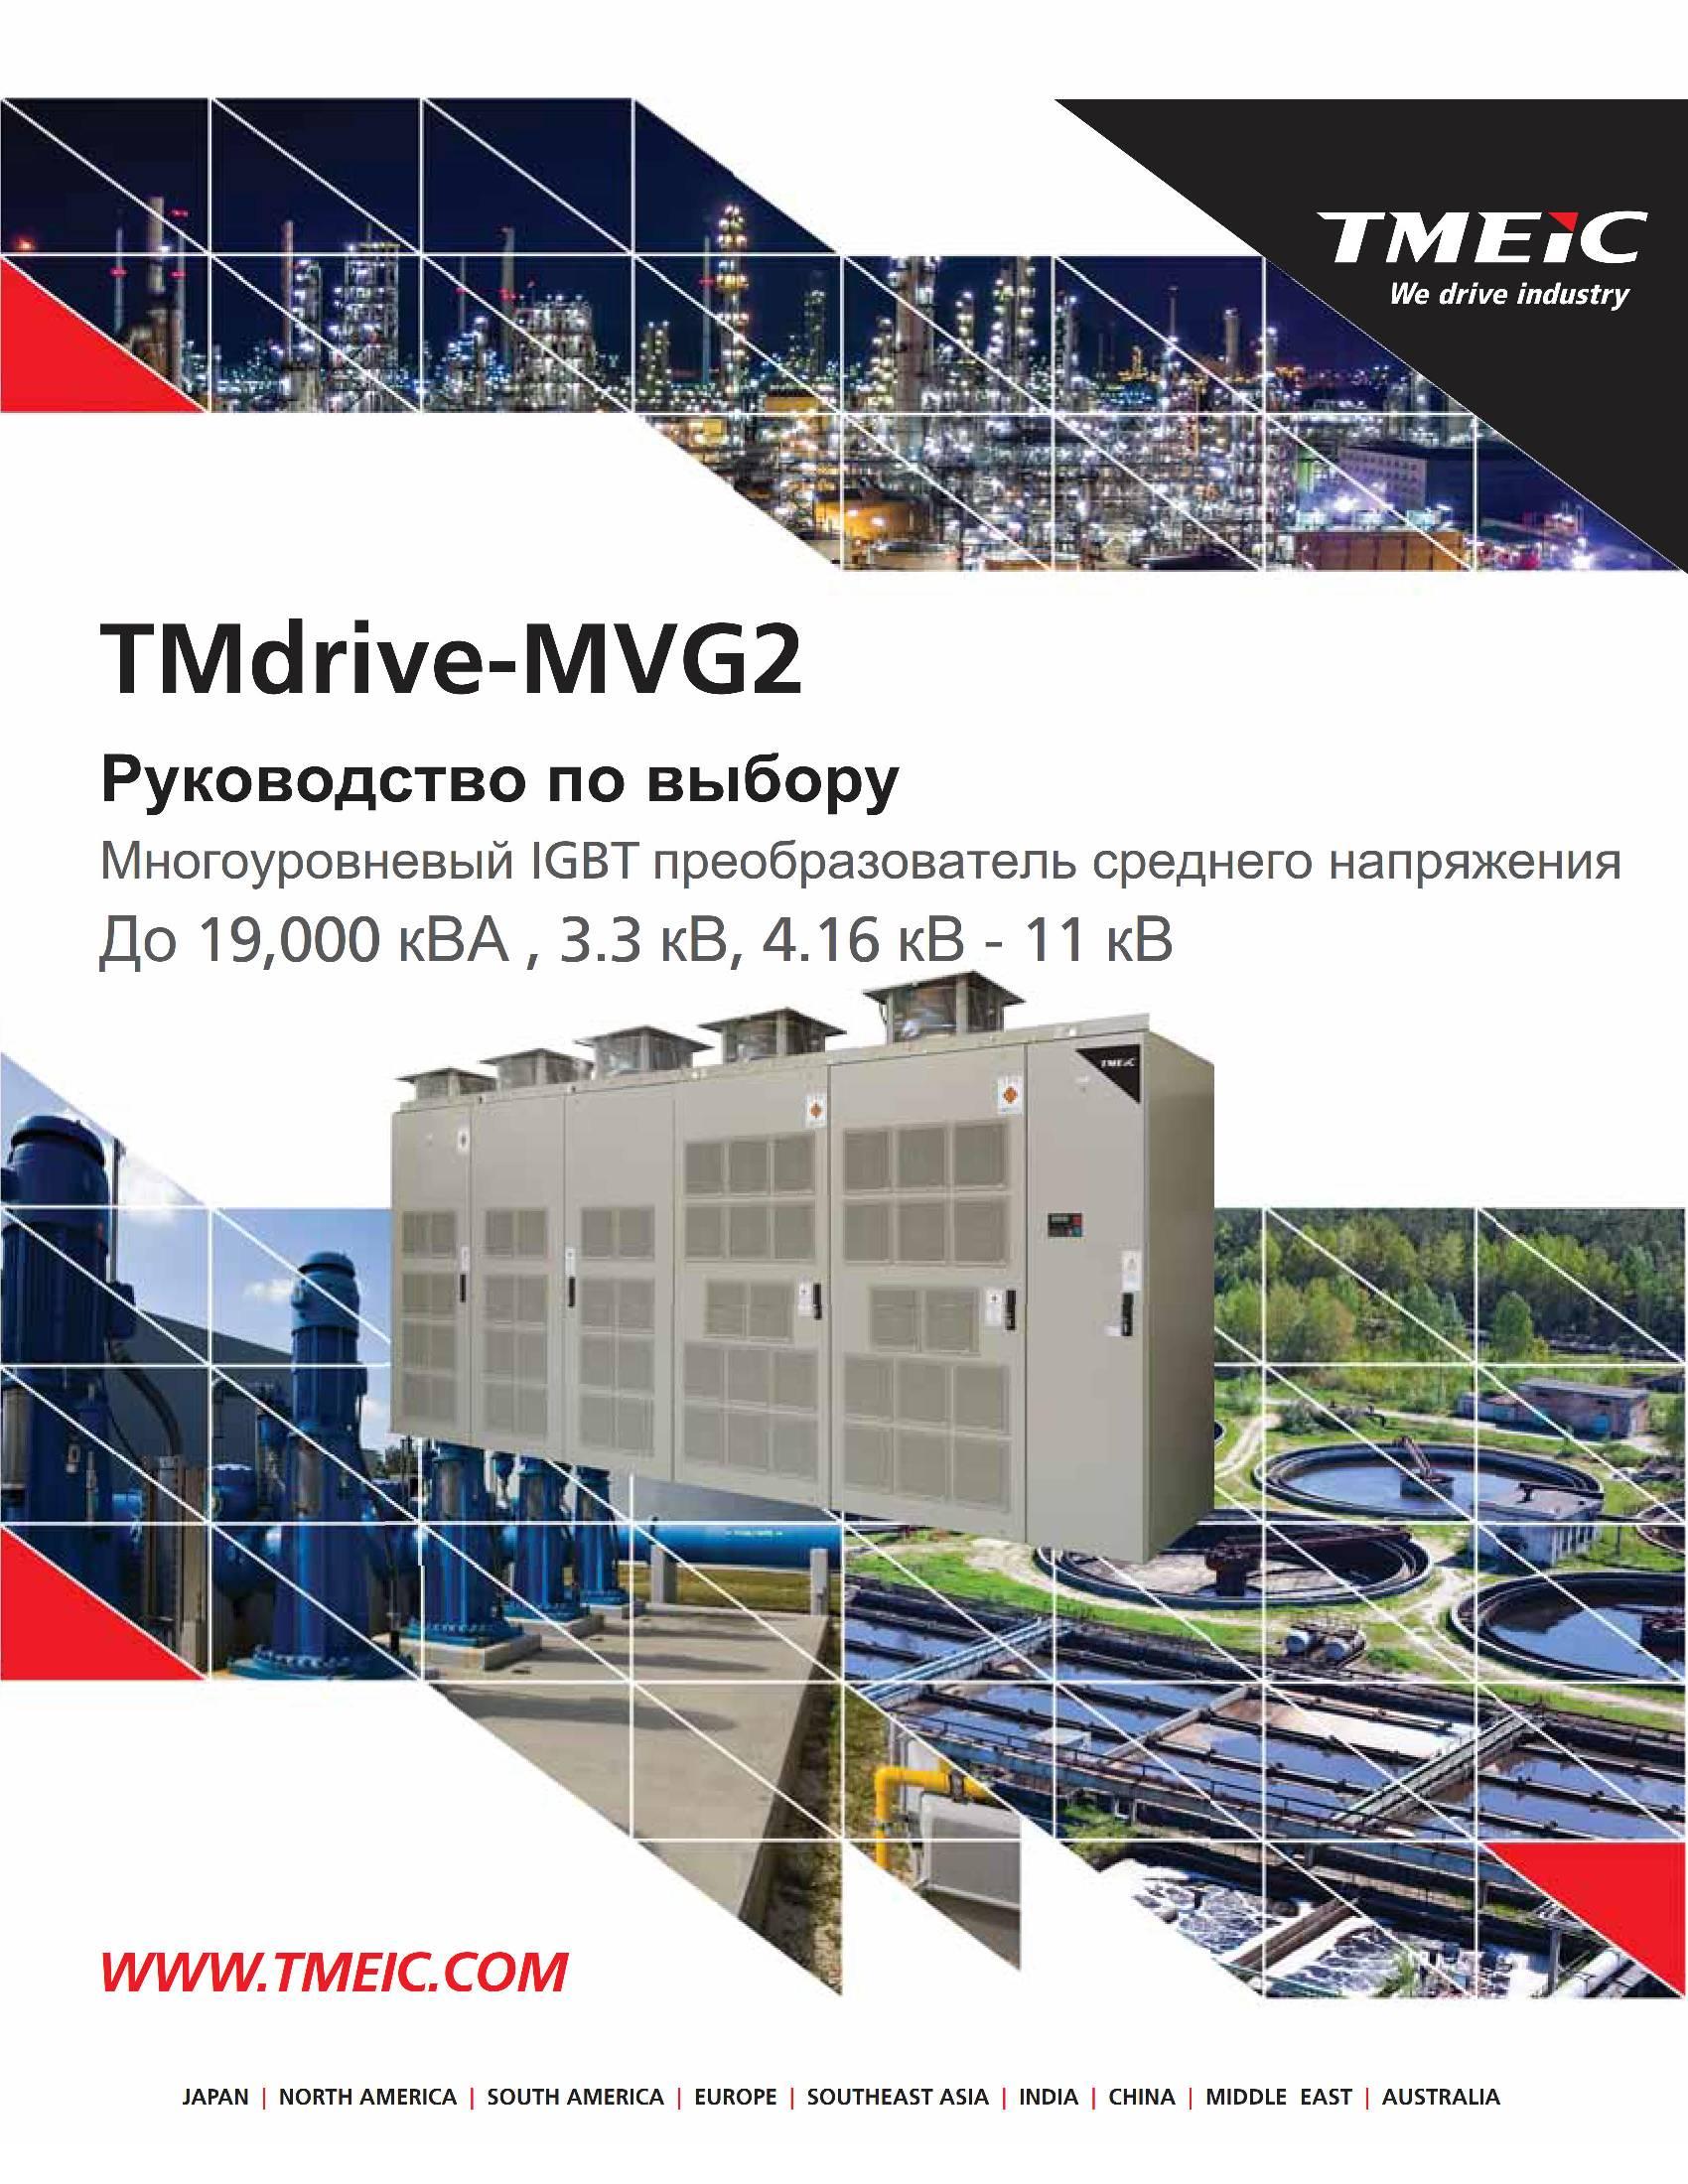 Транзисторный преобразователь частоты среднего напряжения TMdrive-MVG2 у официального партнера TMEIC